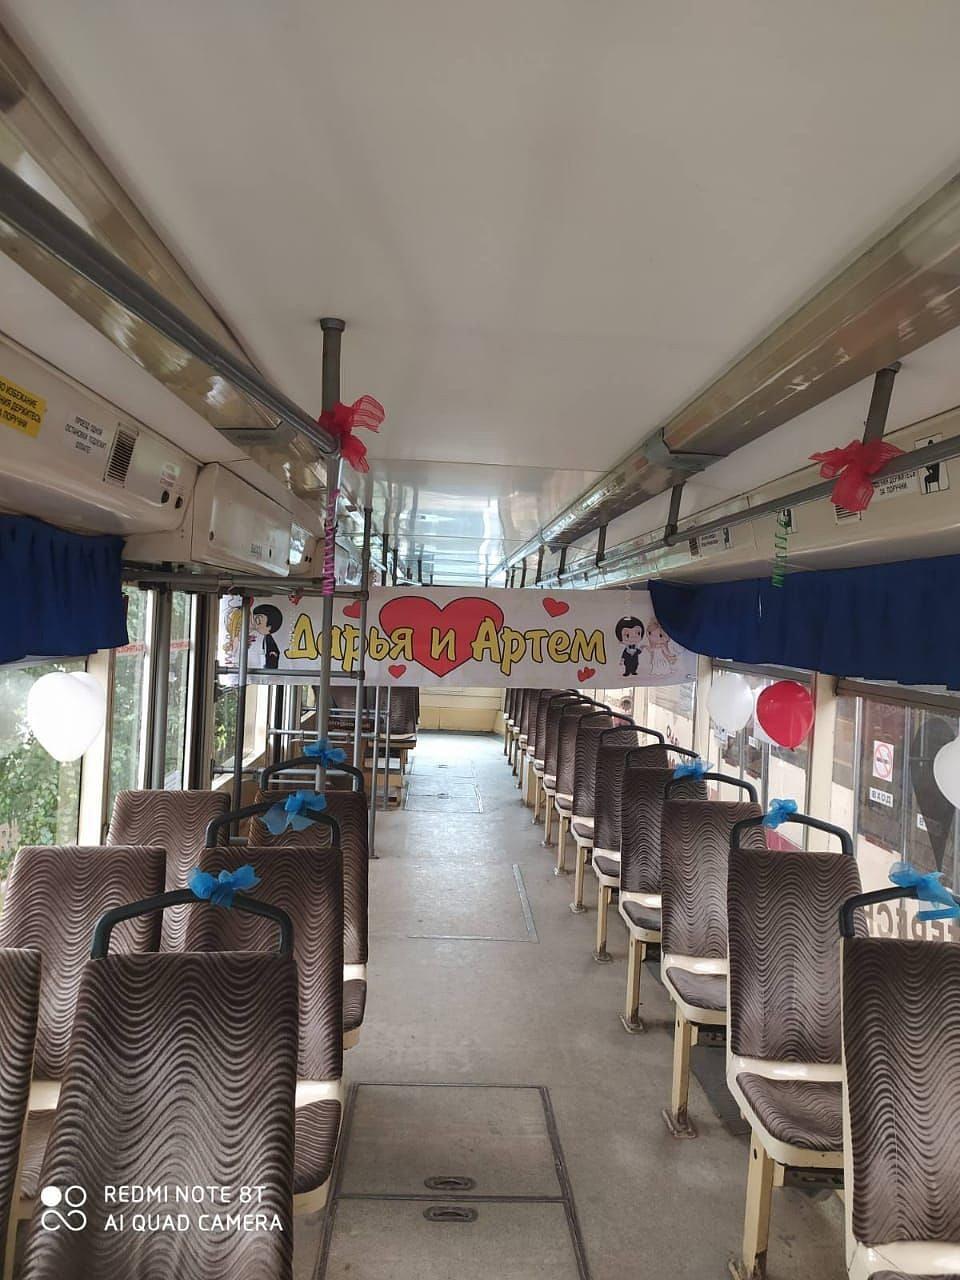 Вот так выглядит свадебный трамвай изнутри. Фото: Читатель КП-Челябиск